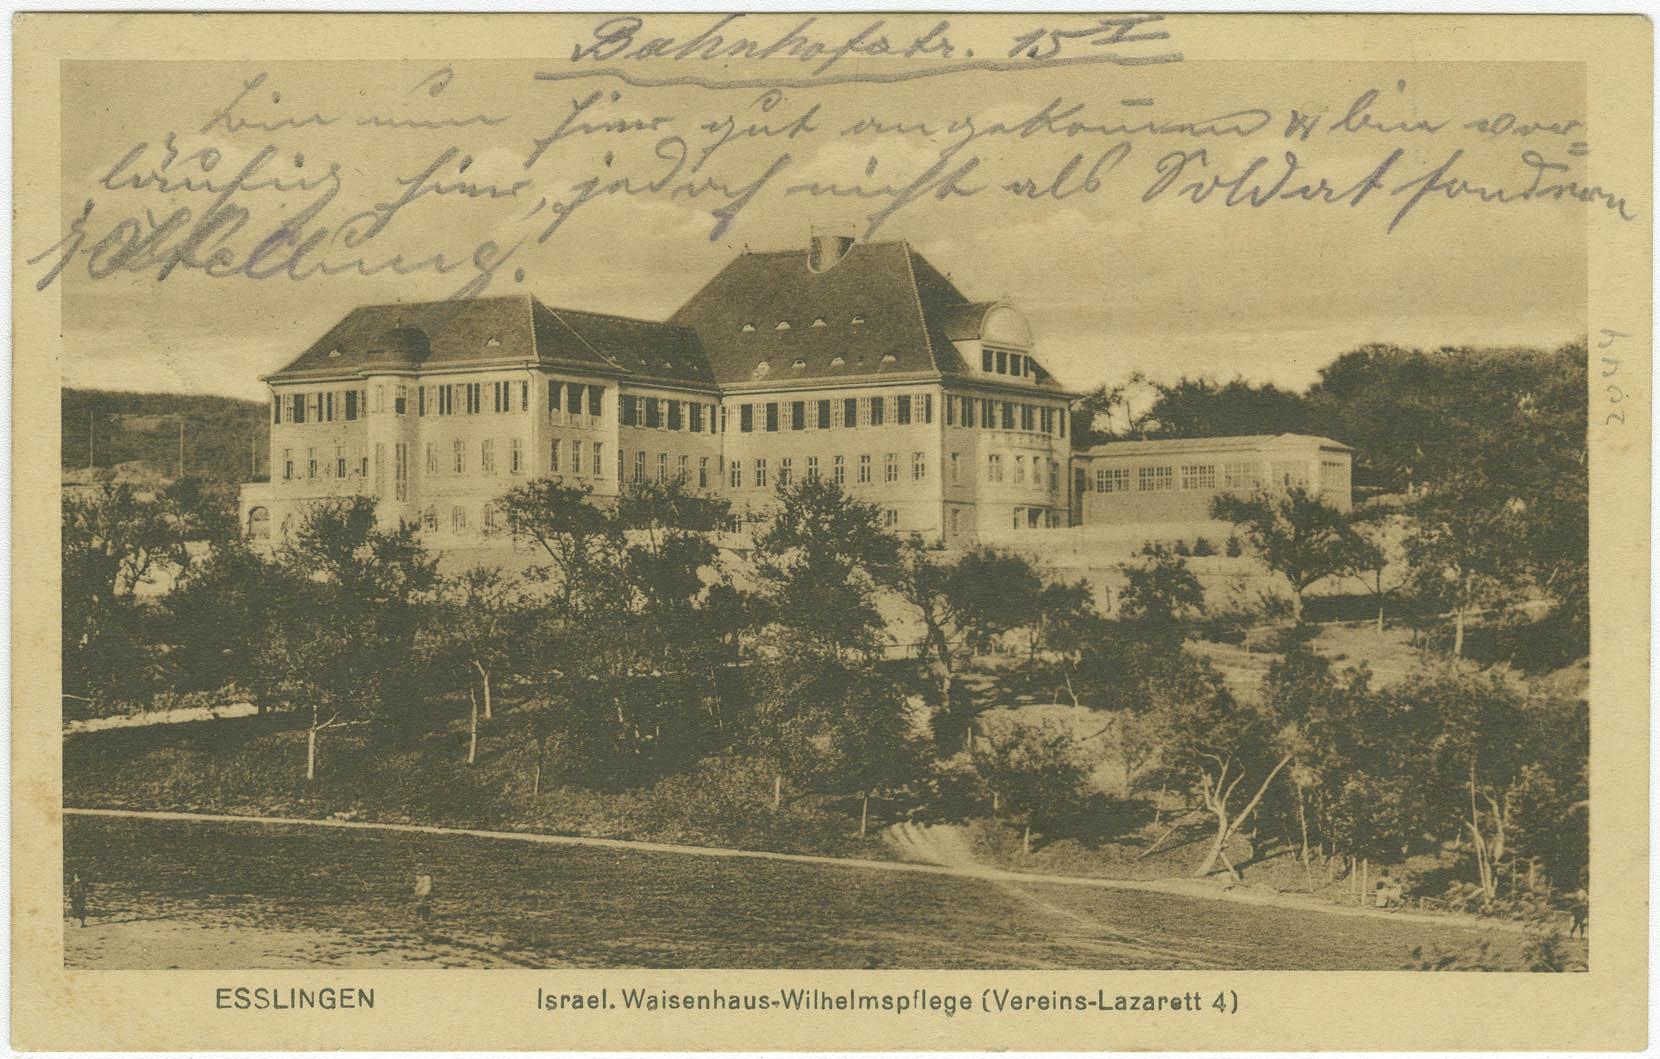 Esslingen. Israel. Waisenhaus-Wilhelmspflege